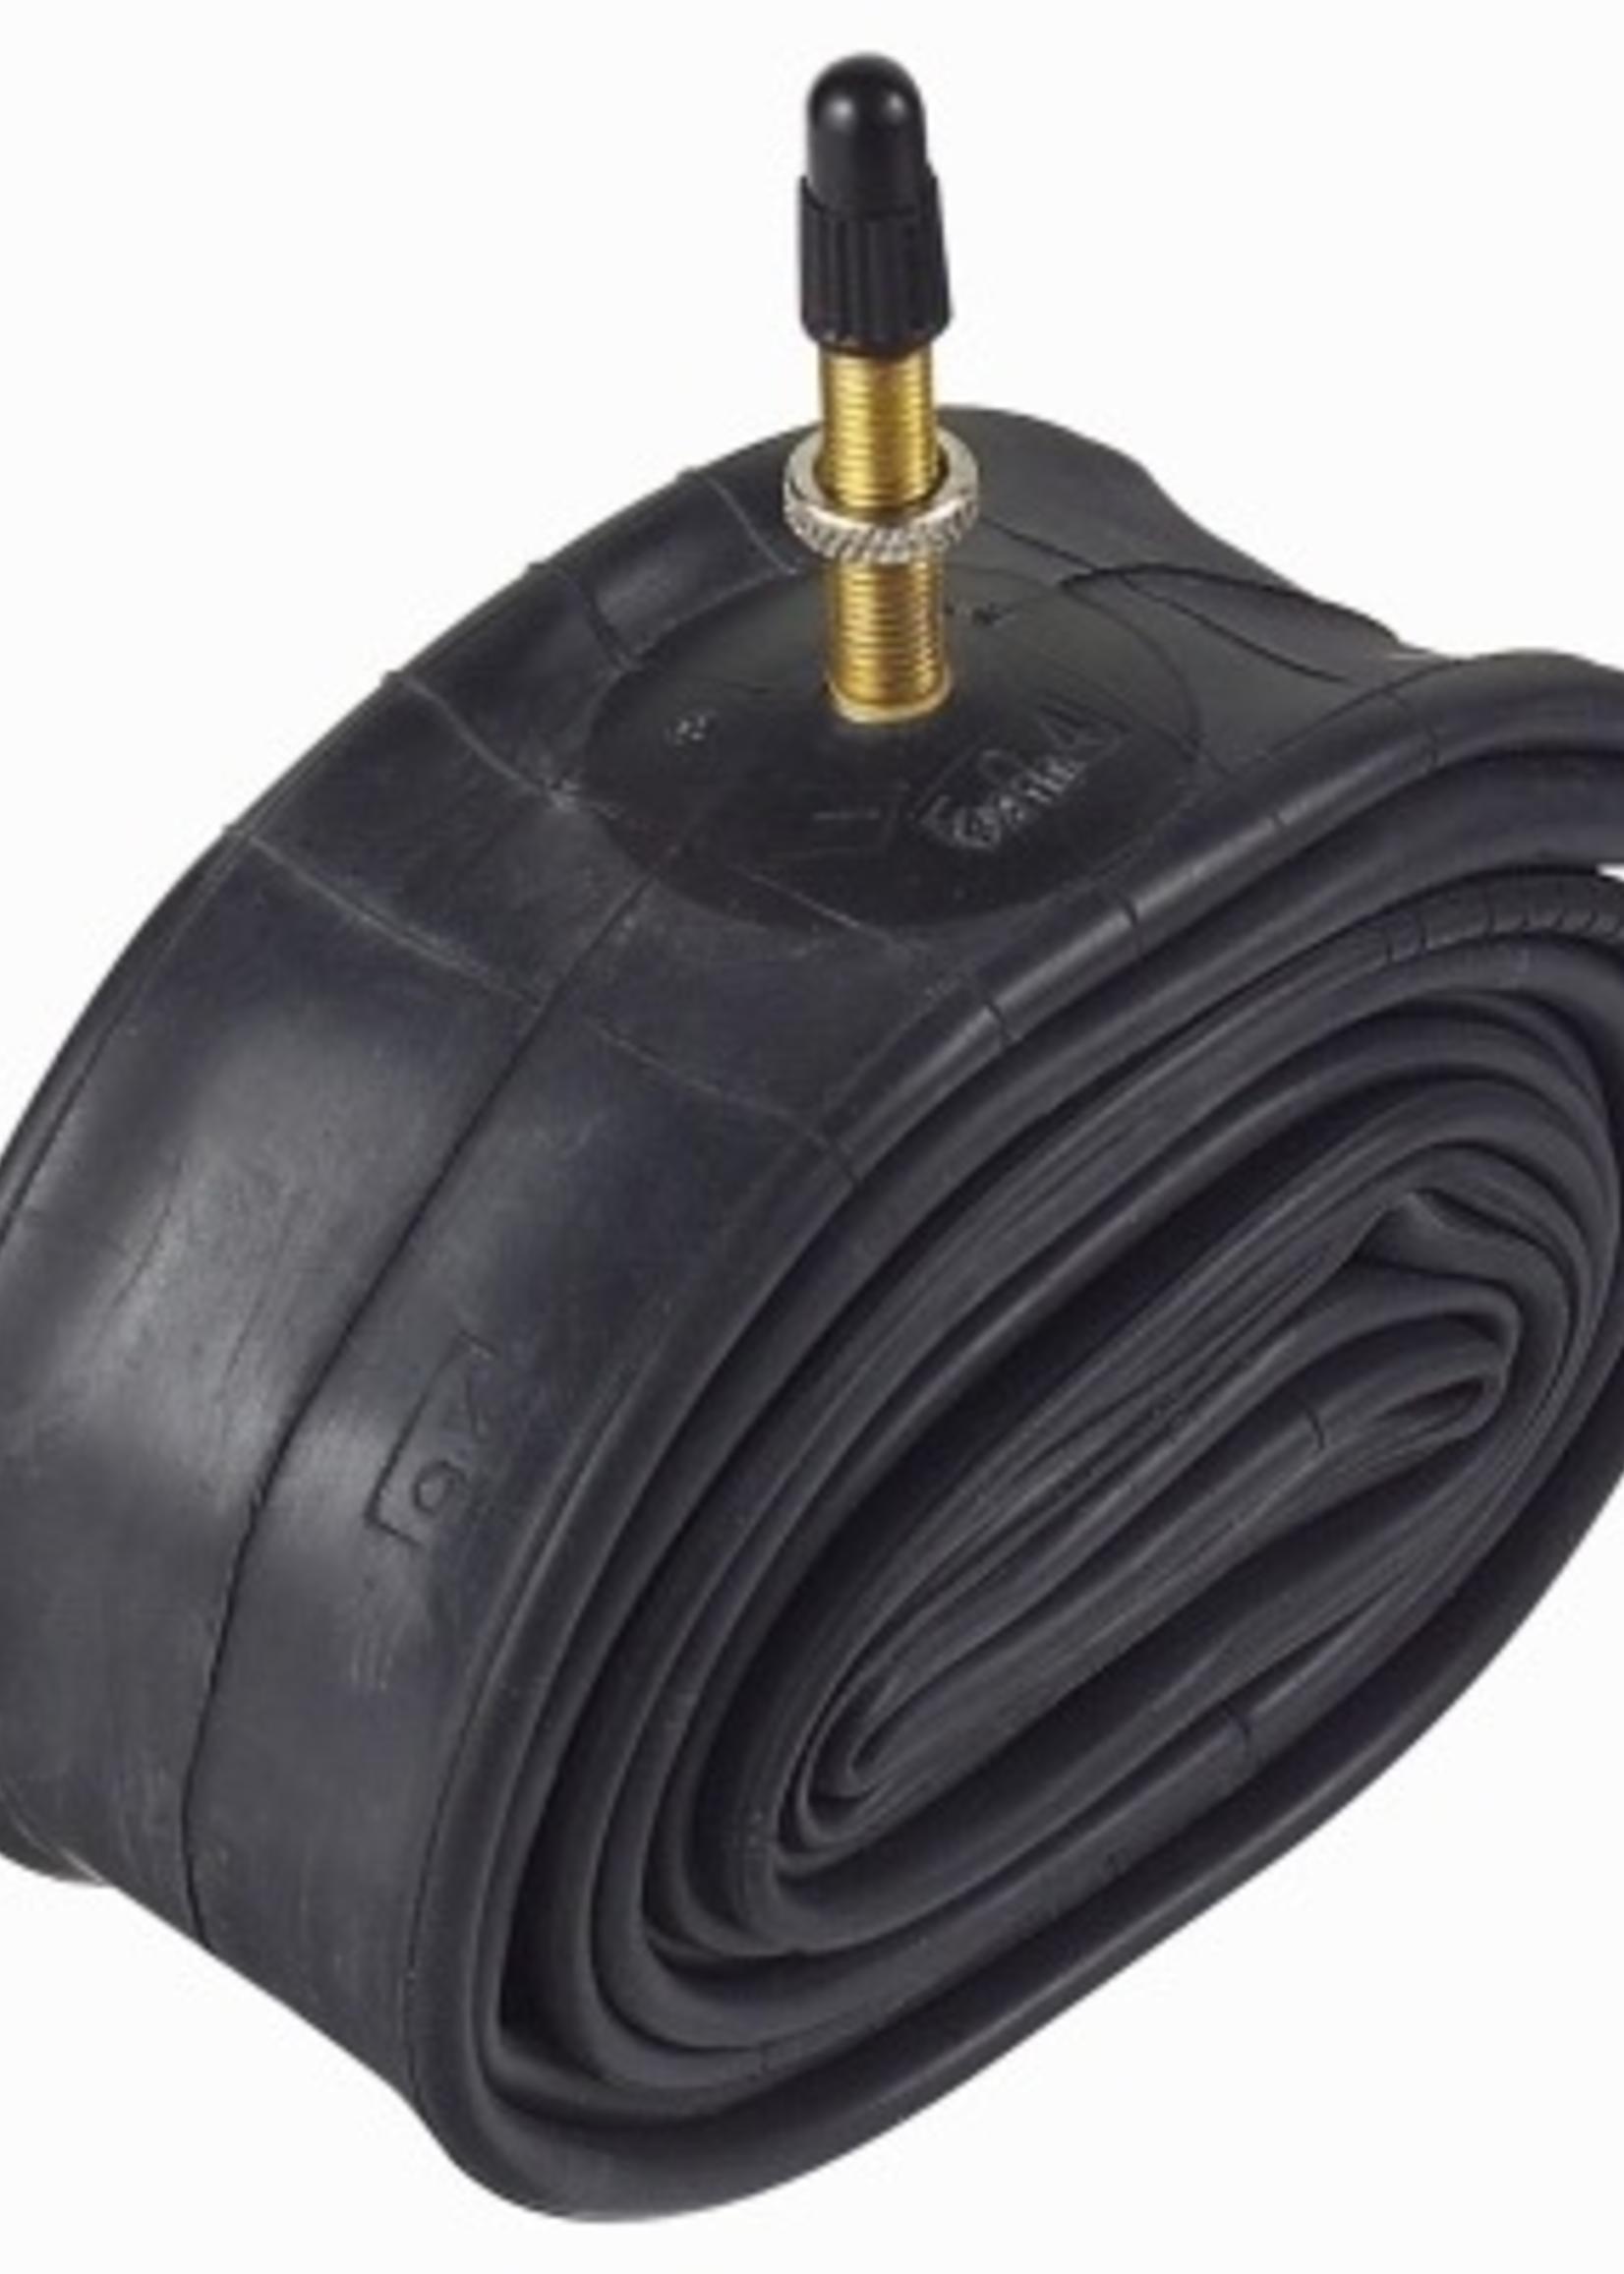 TUBE 700 X 18-25 80 MM PRESTA